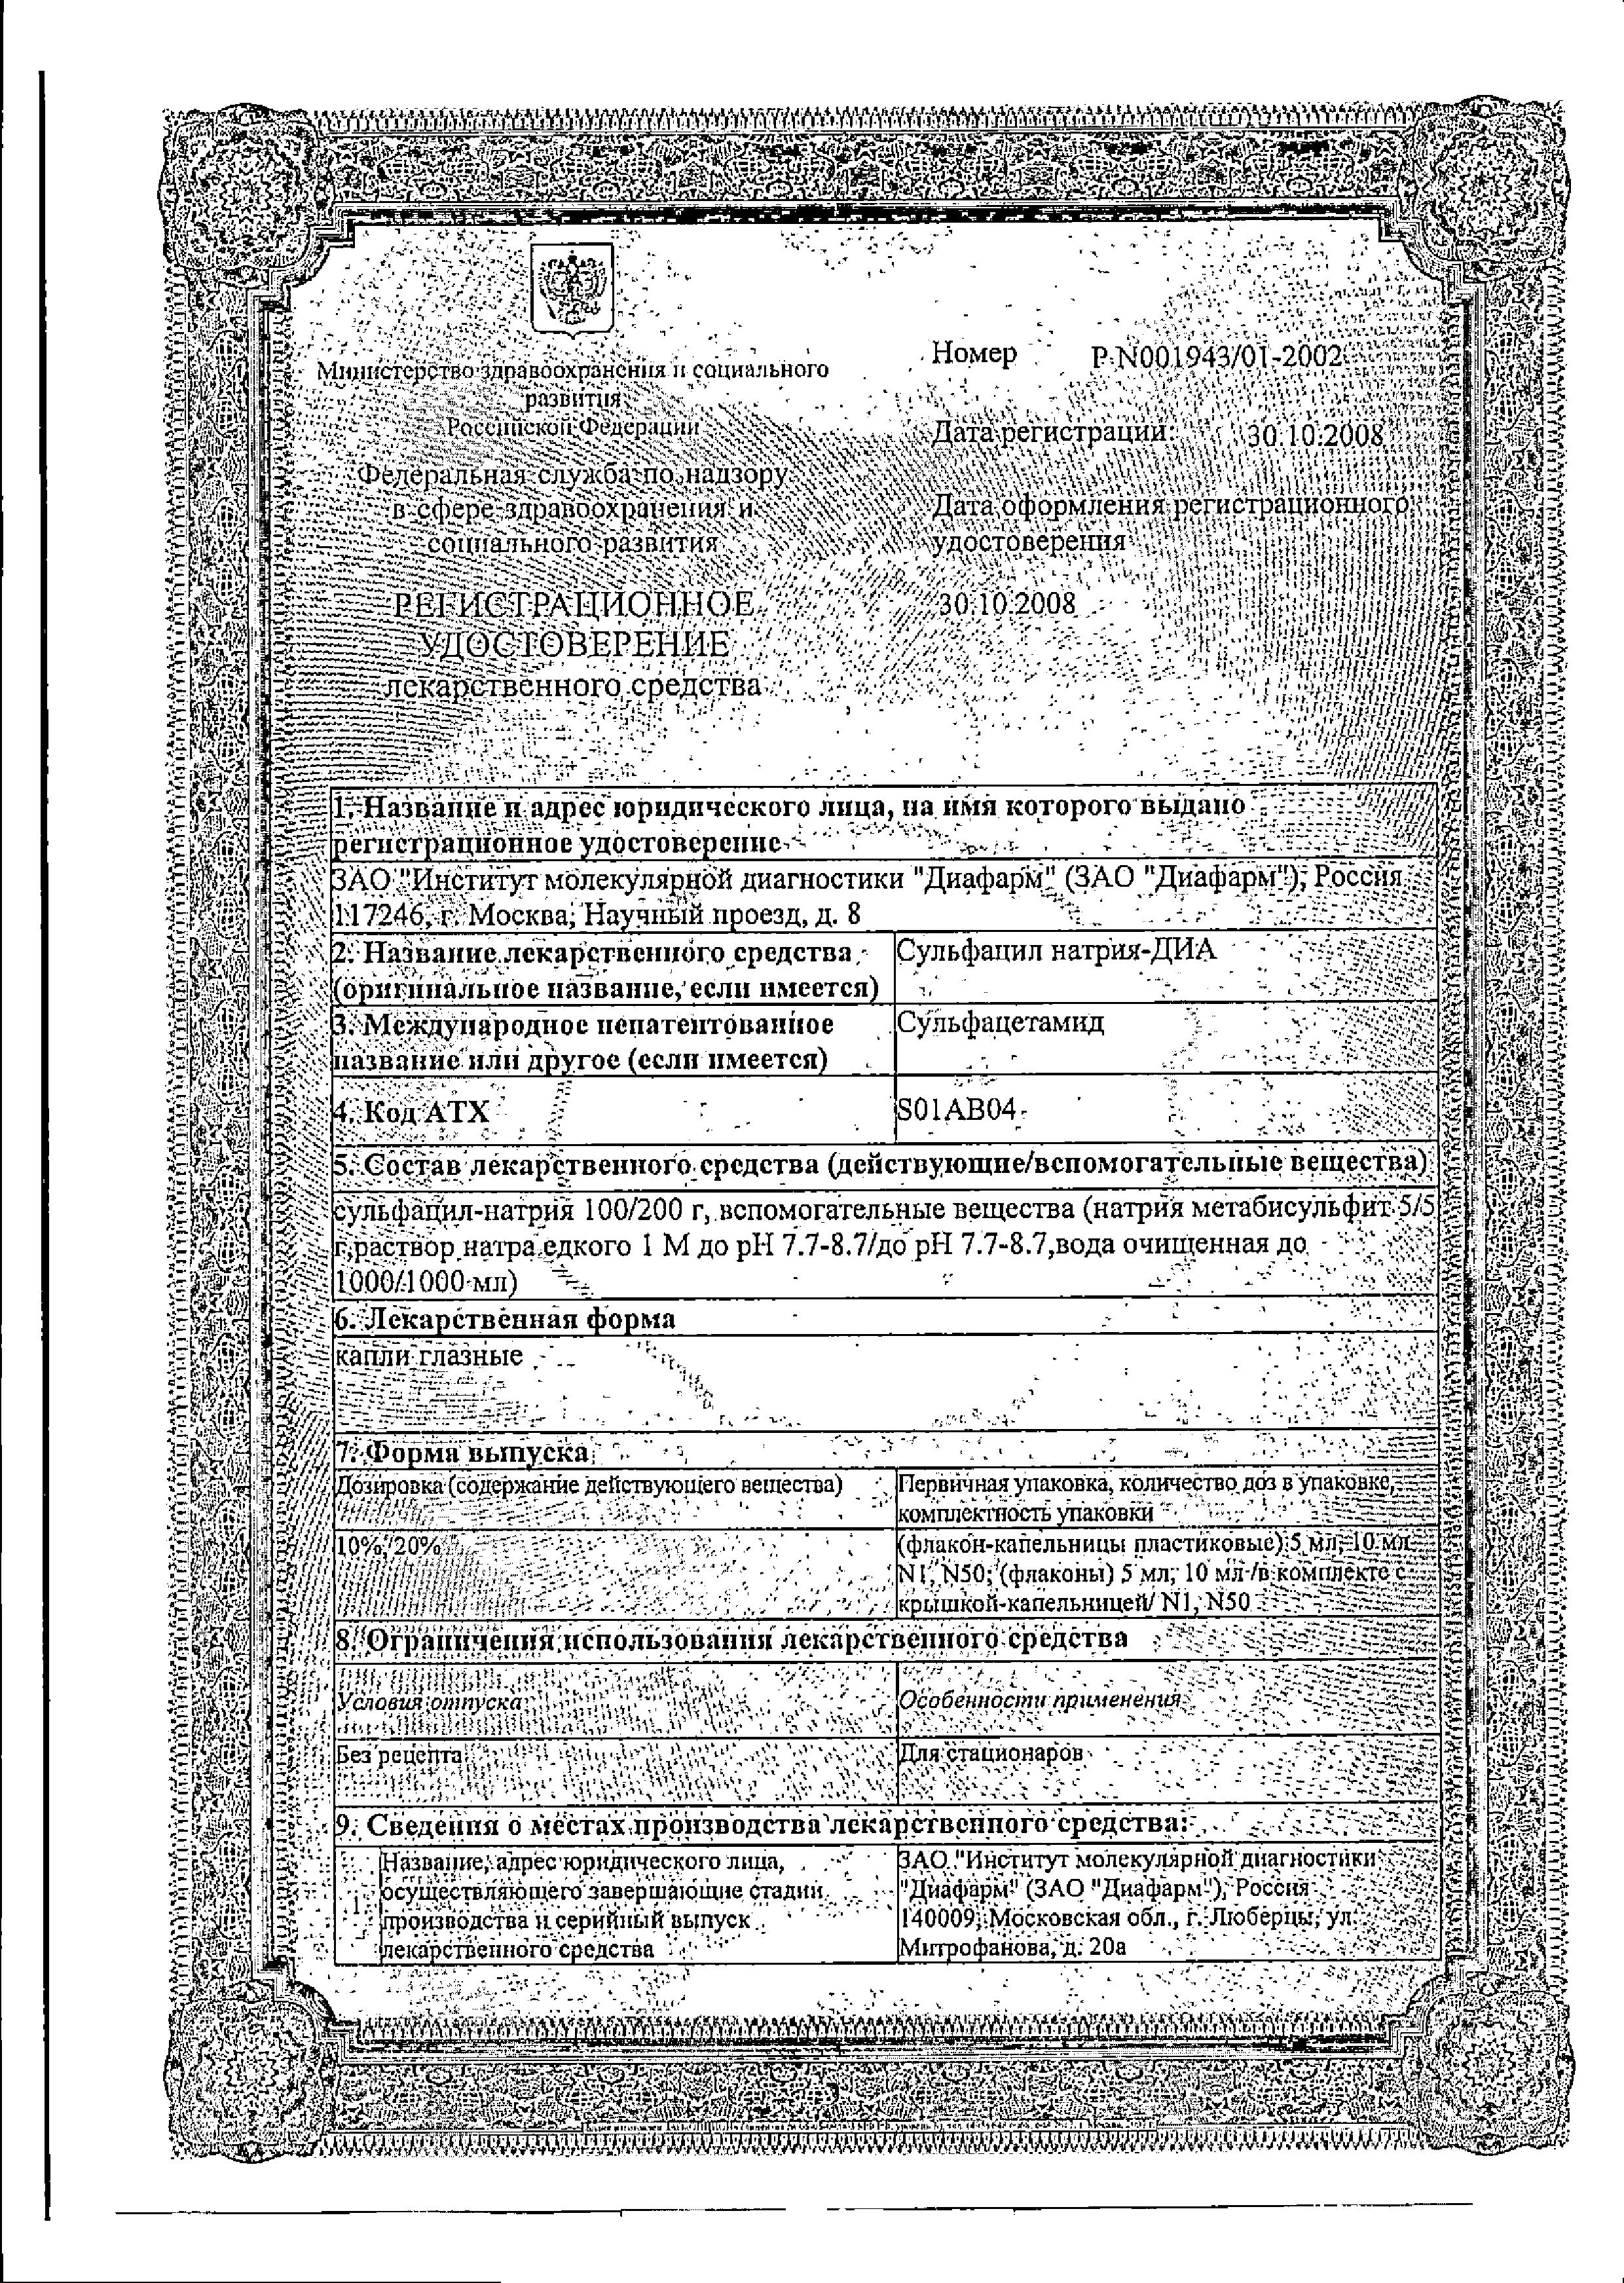 Сульфацил натрия-ДИА сертификат